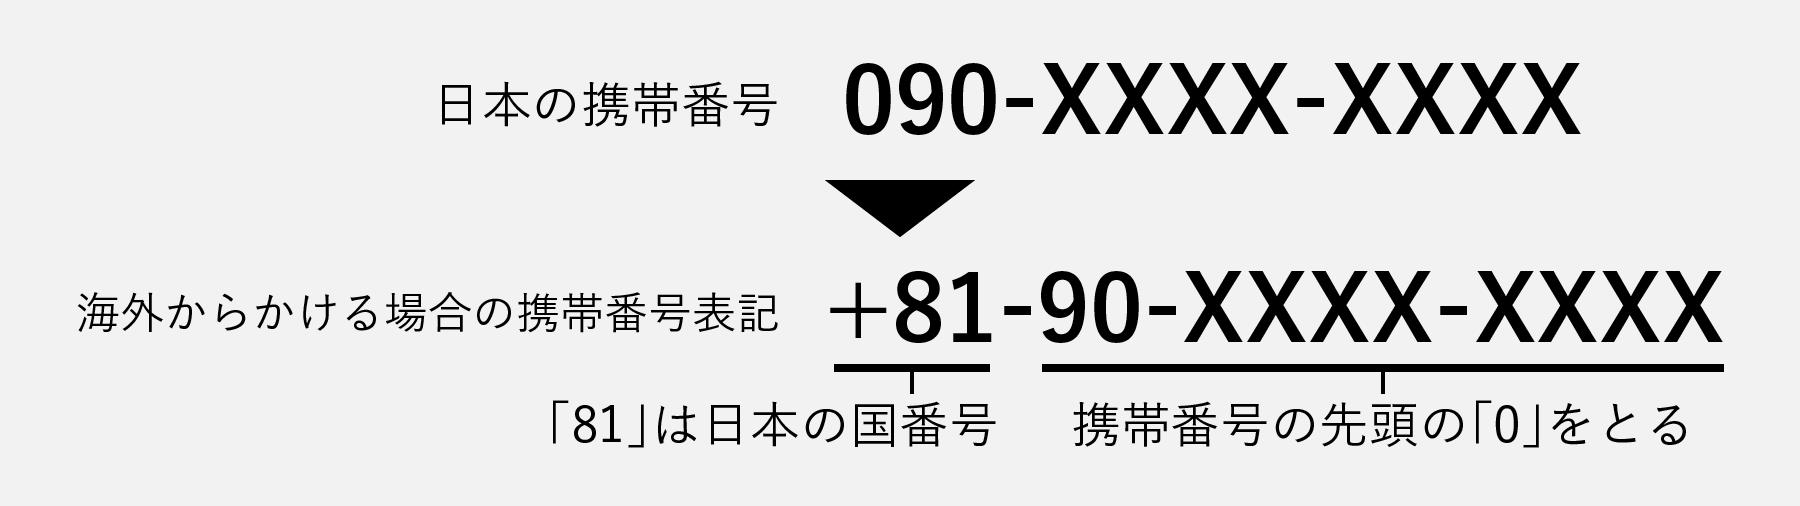 携帯電話の番号の場合-電話番号の海外表記